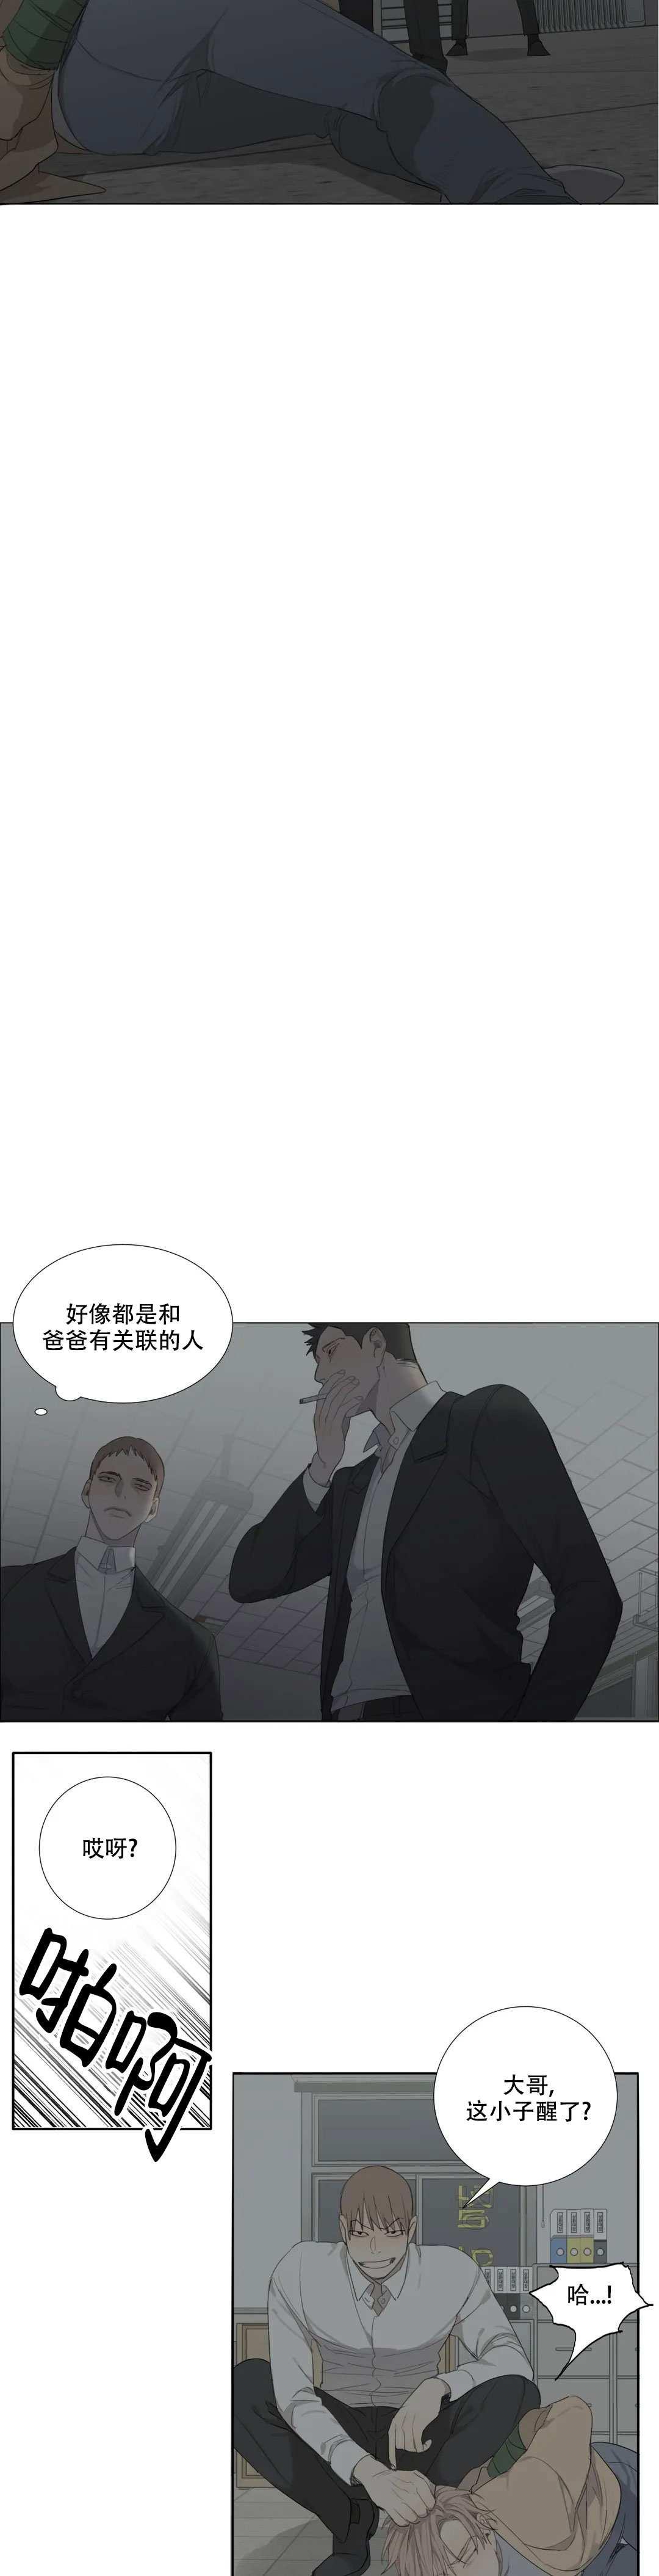 韩漫 |《狂犬》身为疯狗的你,凭什么想要上主人的床?  第4张